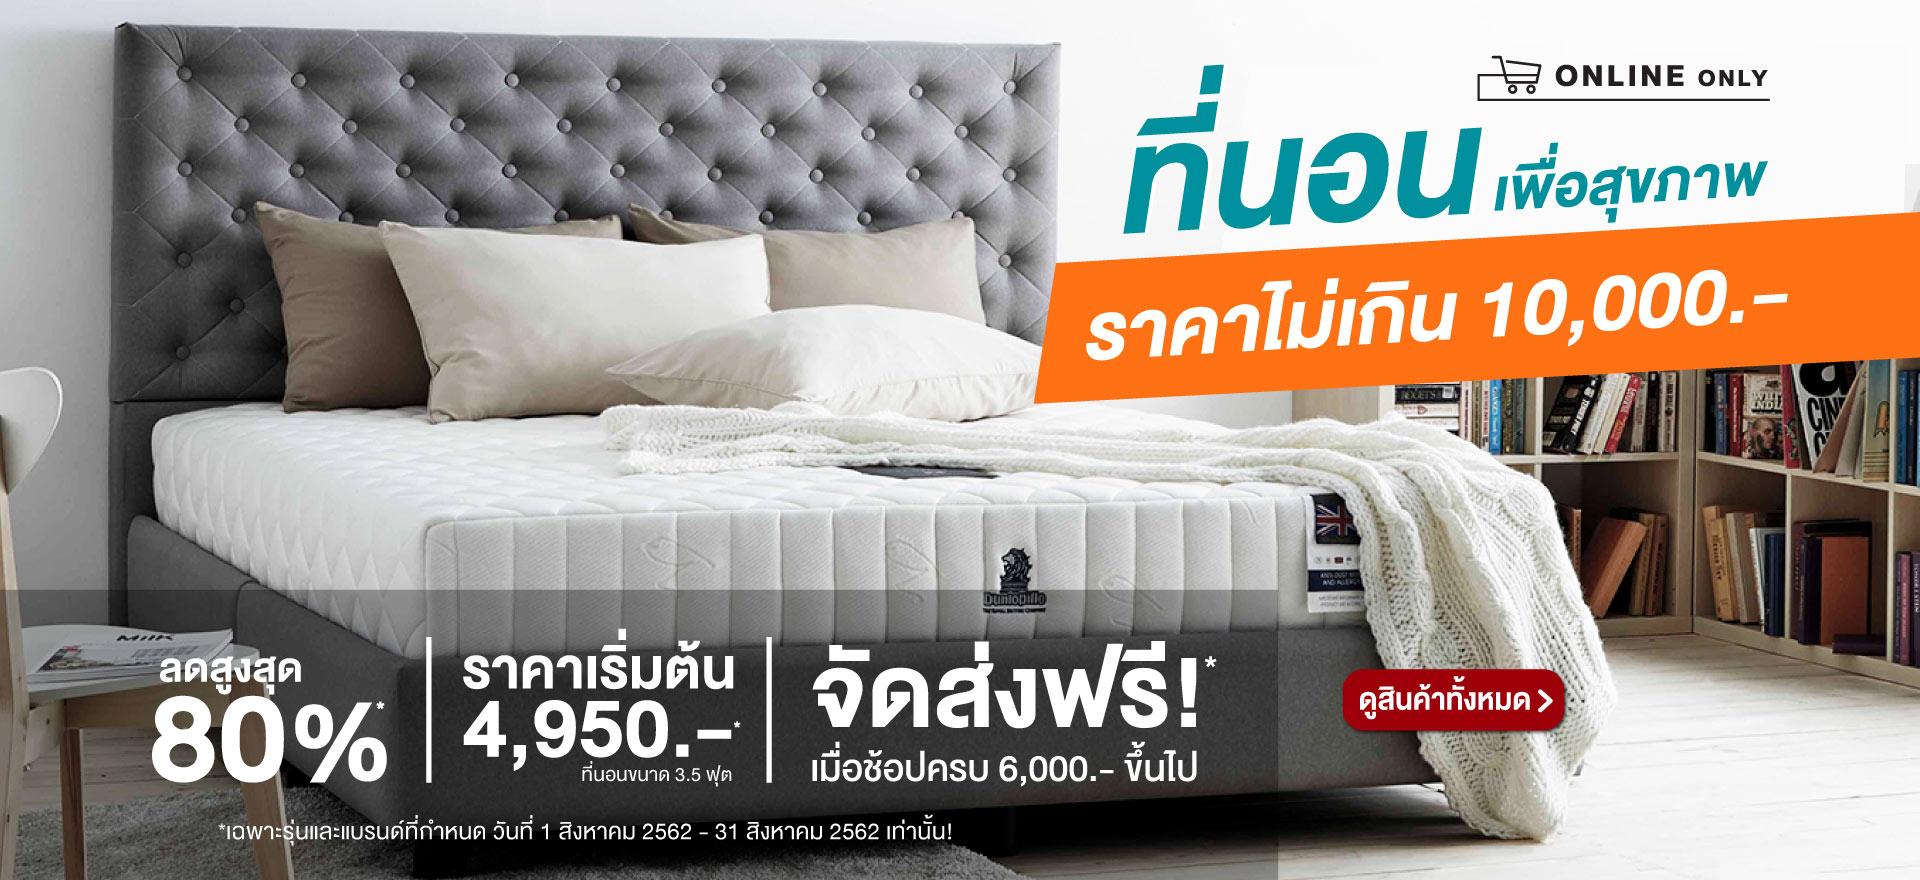 ที่นอนเพื่อสุขภาพ ราคาไม่เกิน 10,000.-